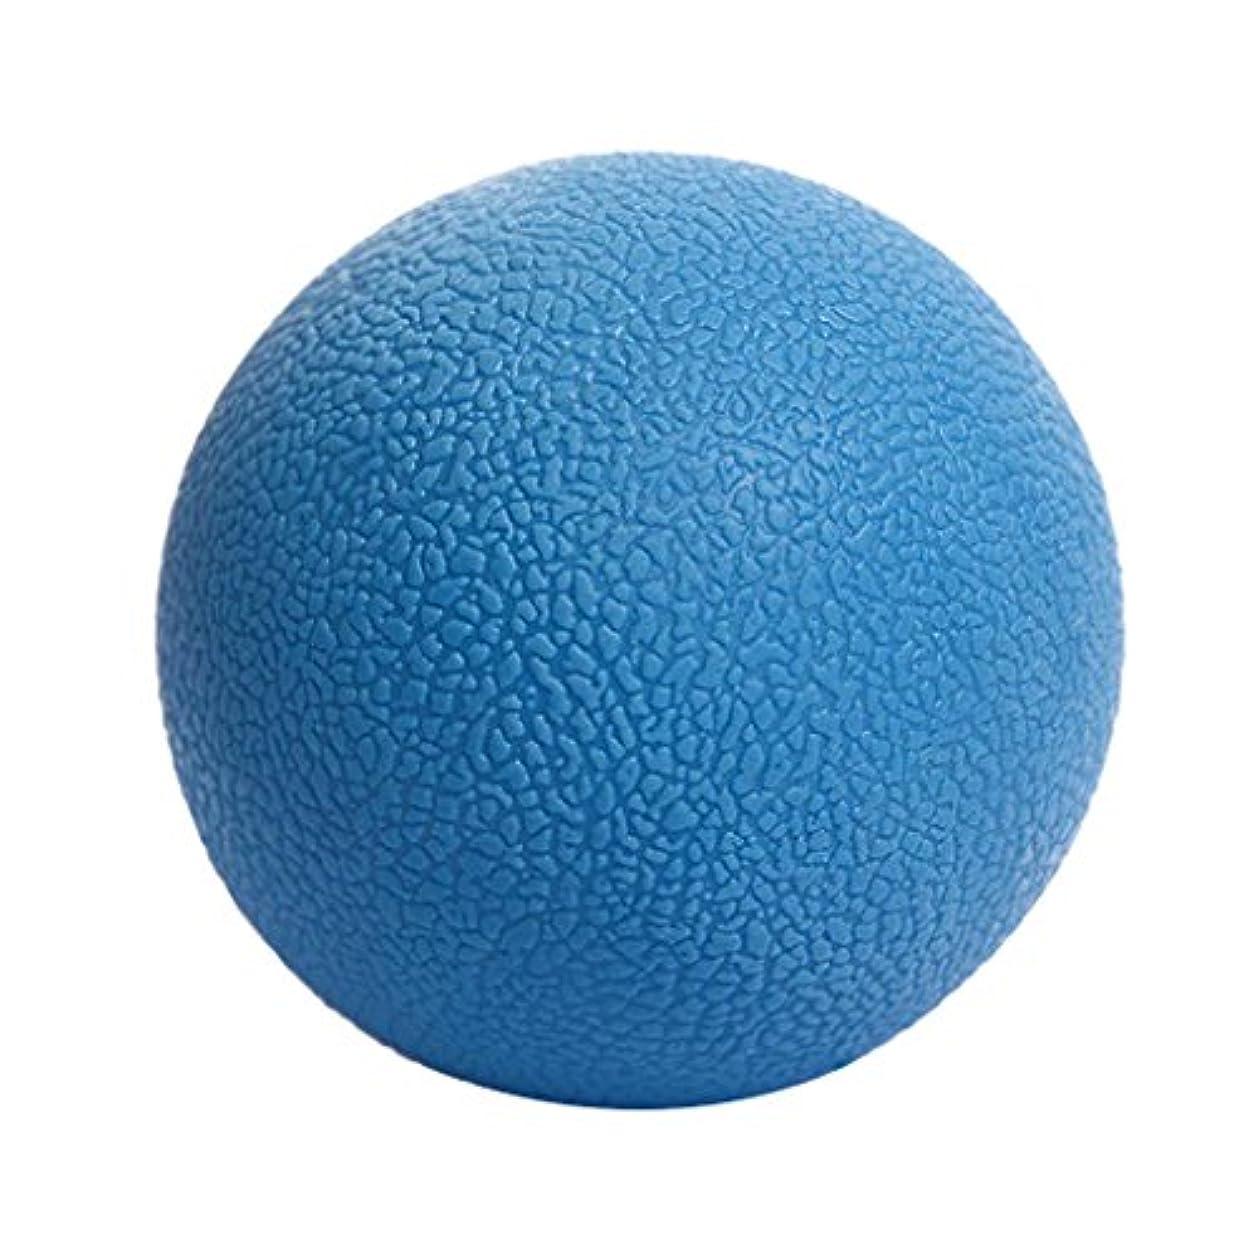 豚アストロラーベ種類Baoblaze マッサージボール ボディーマッサージ 便利 TPE ヨガ ピラティス 4色選べる - 青